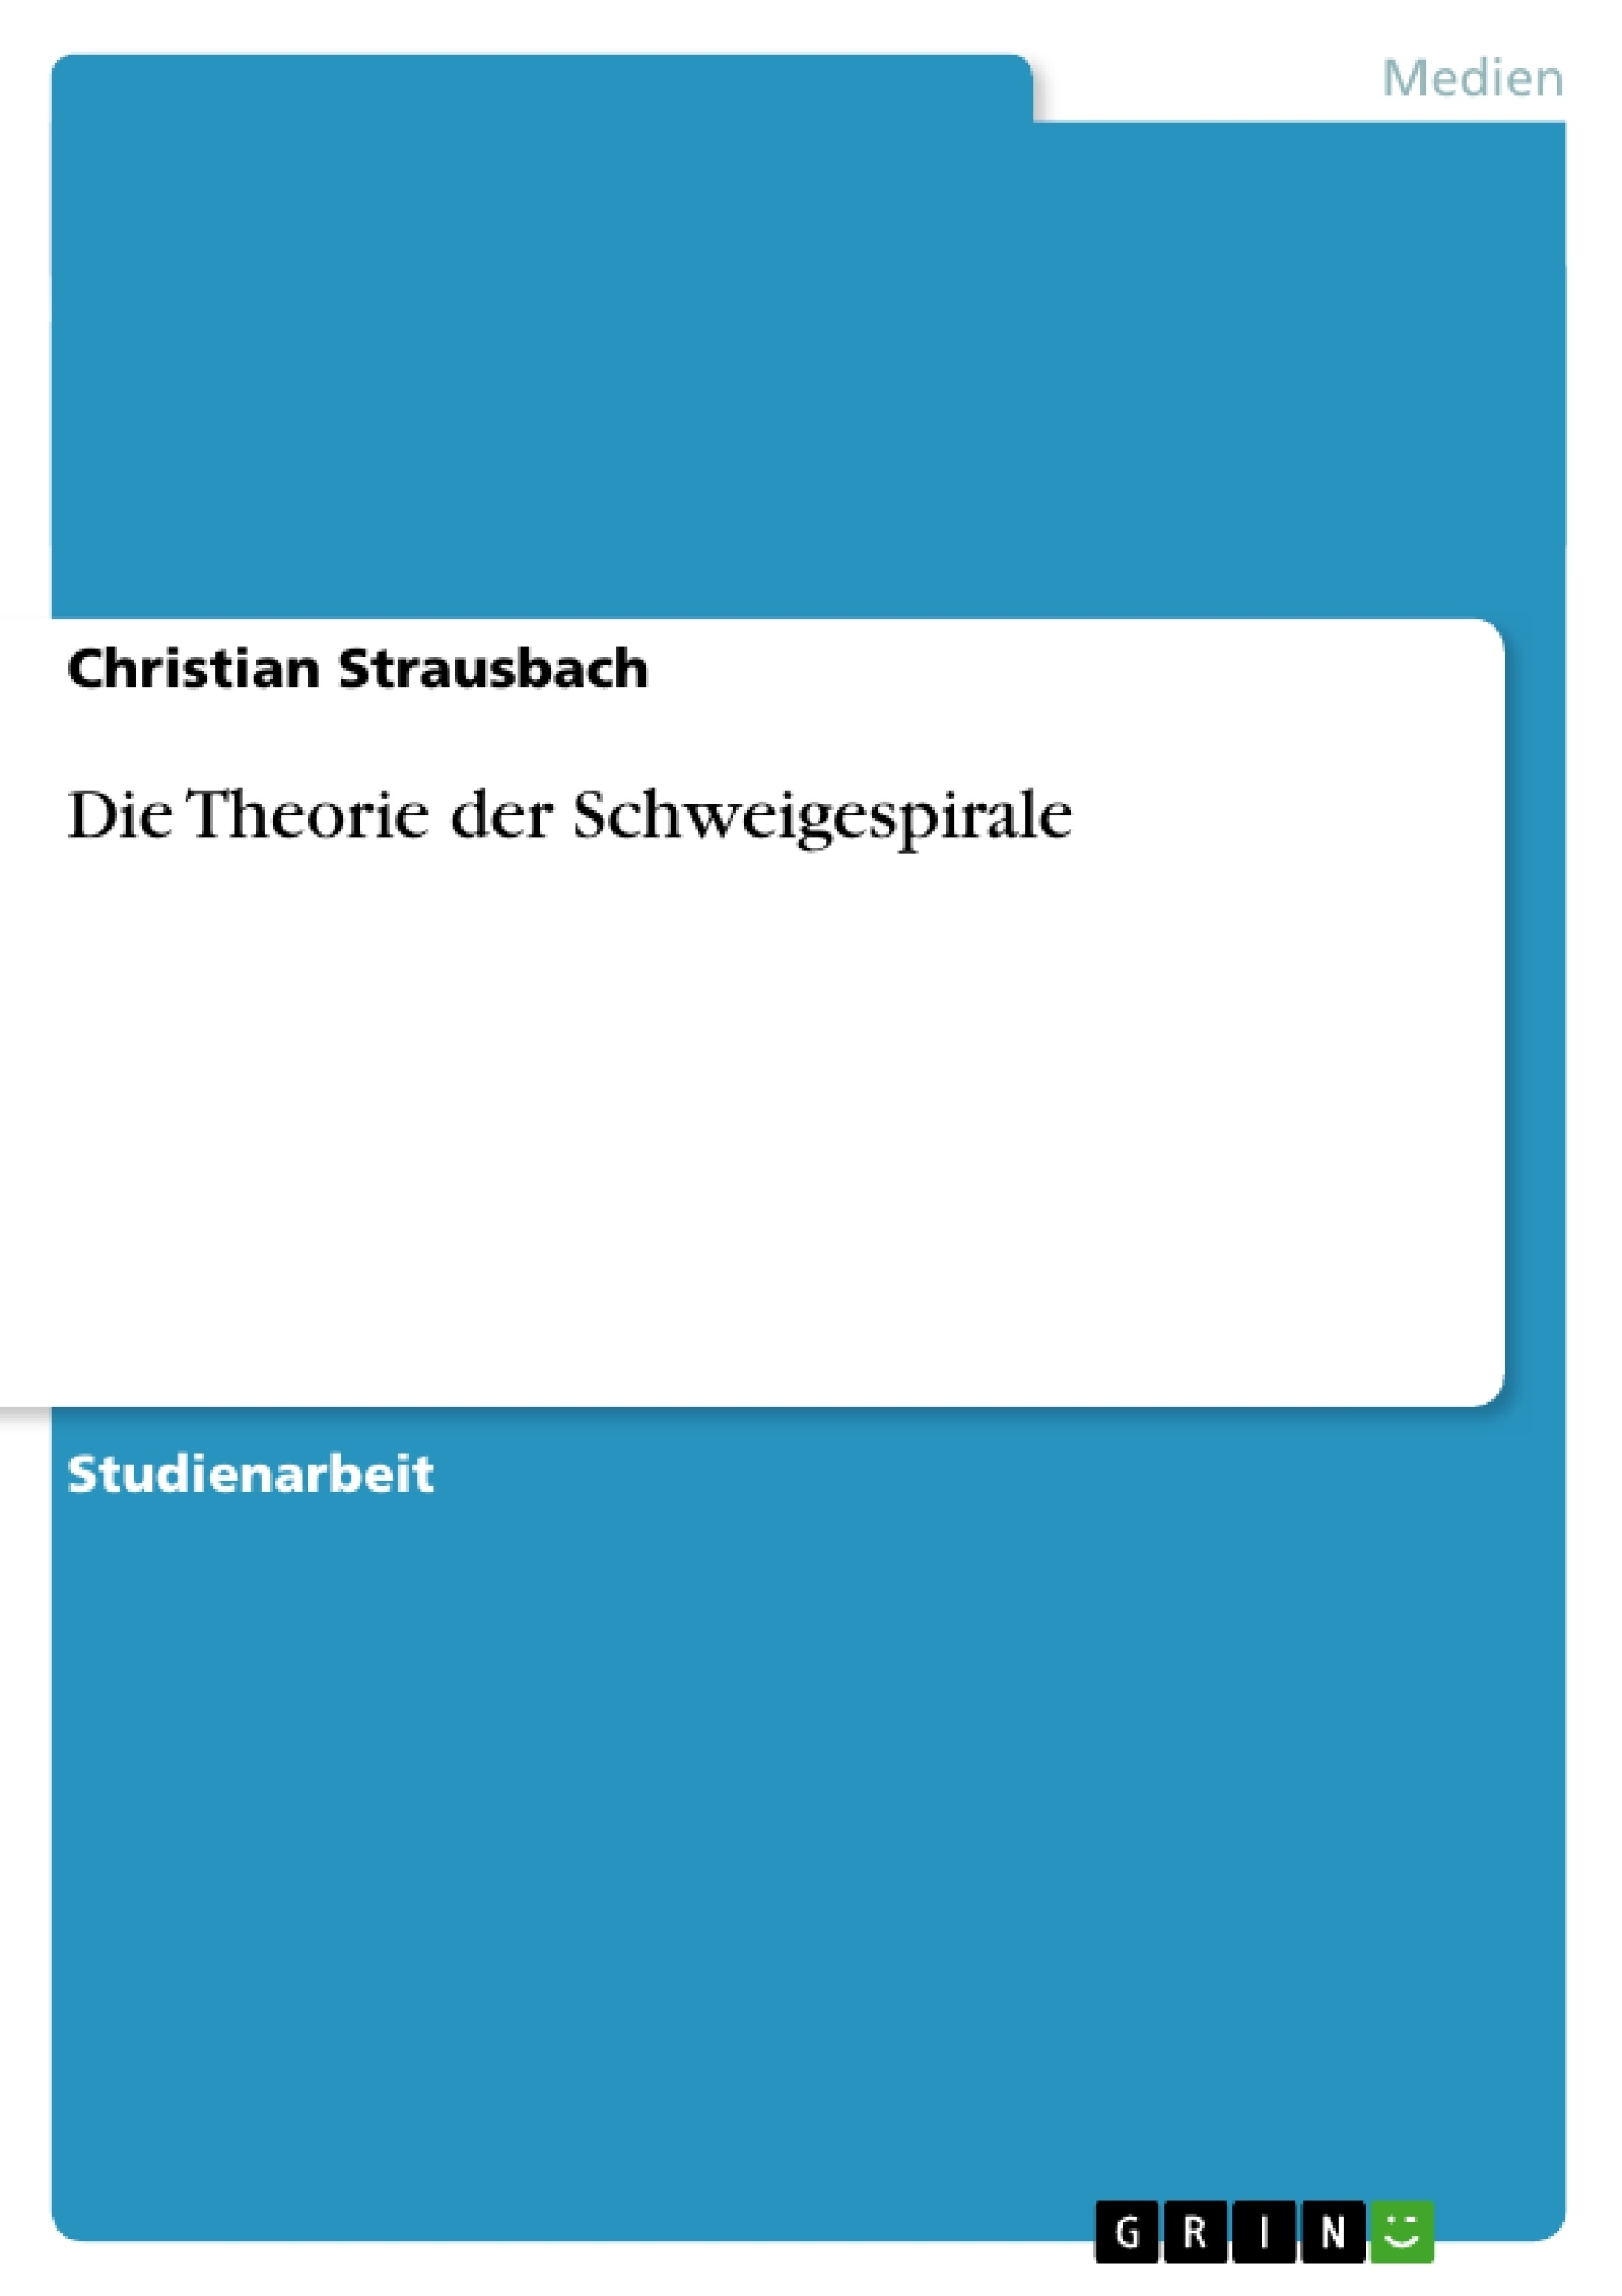 Titel: Die Theorie der Schweigespirale